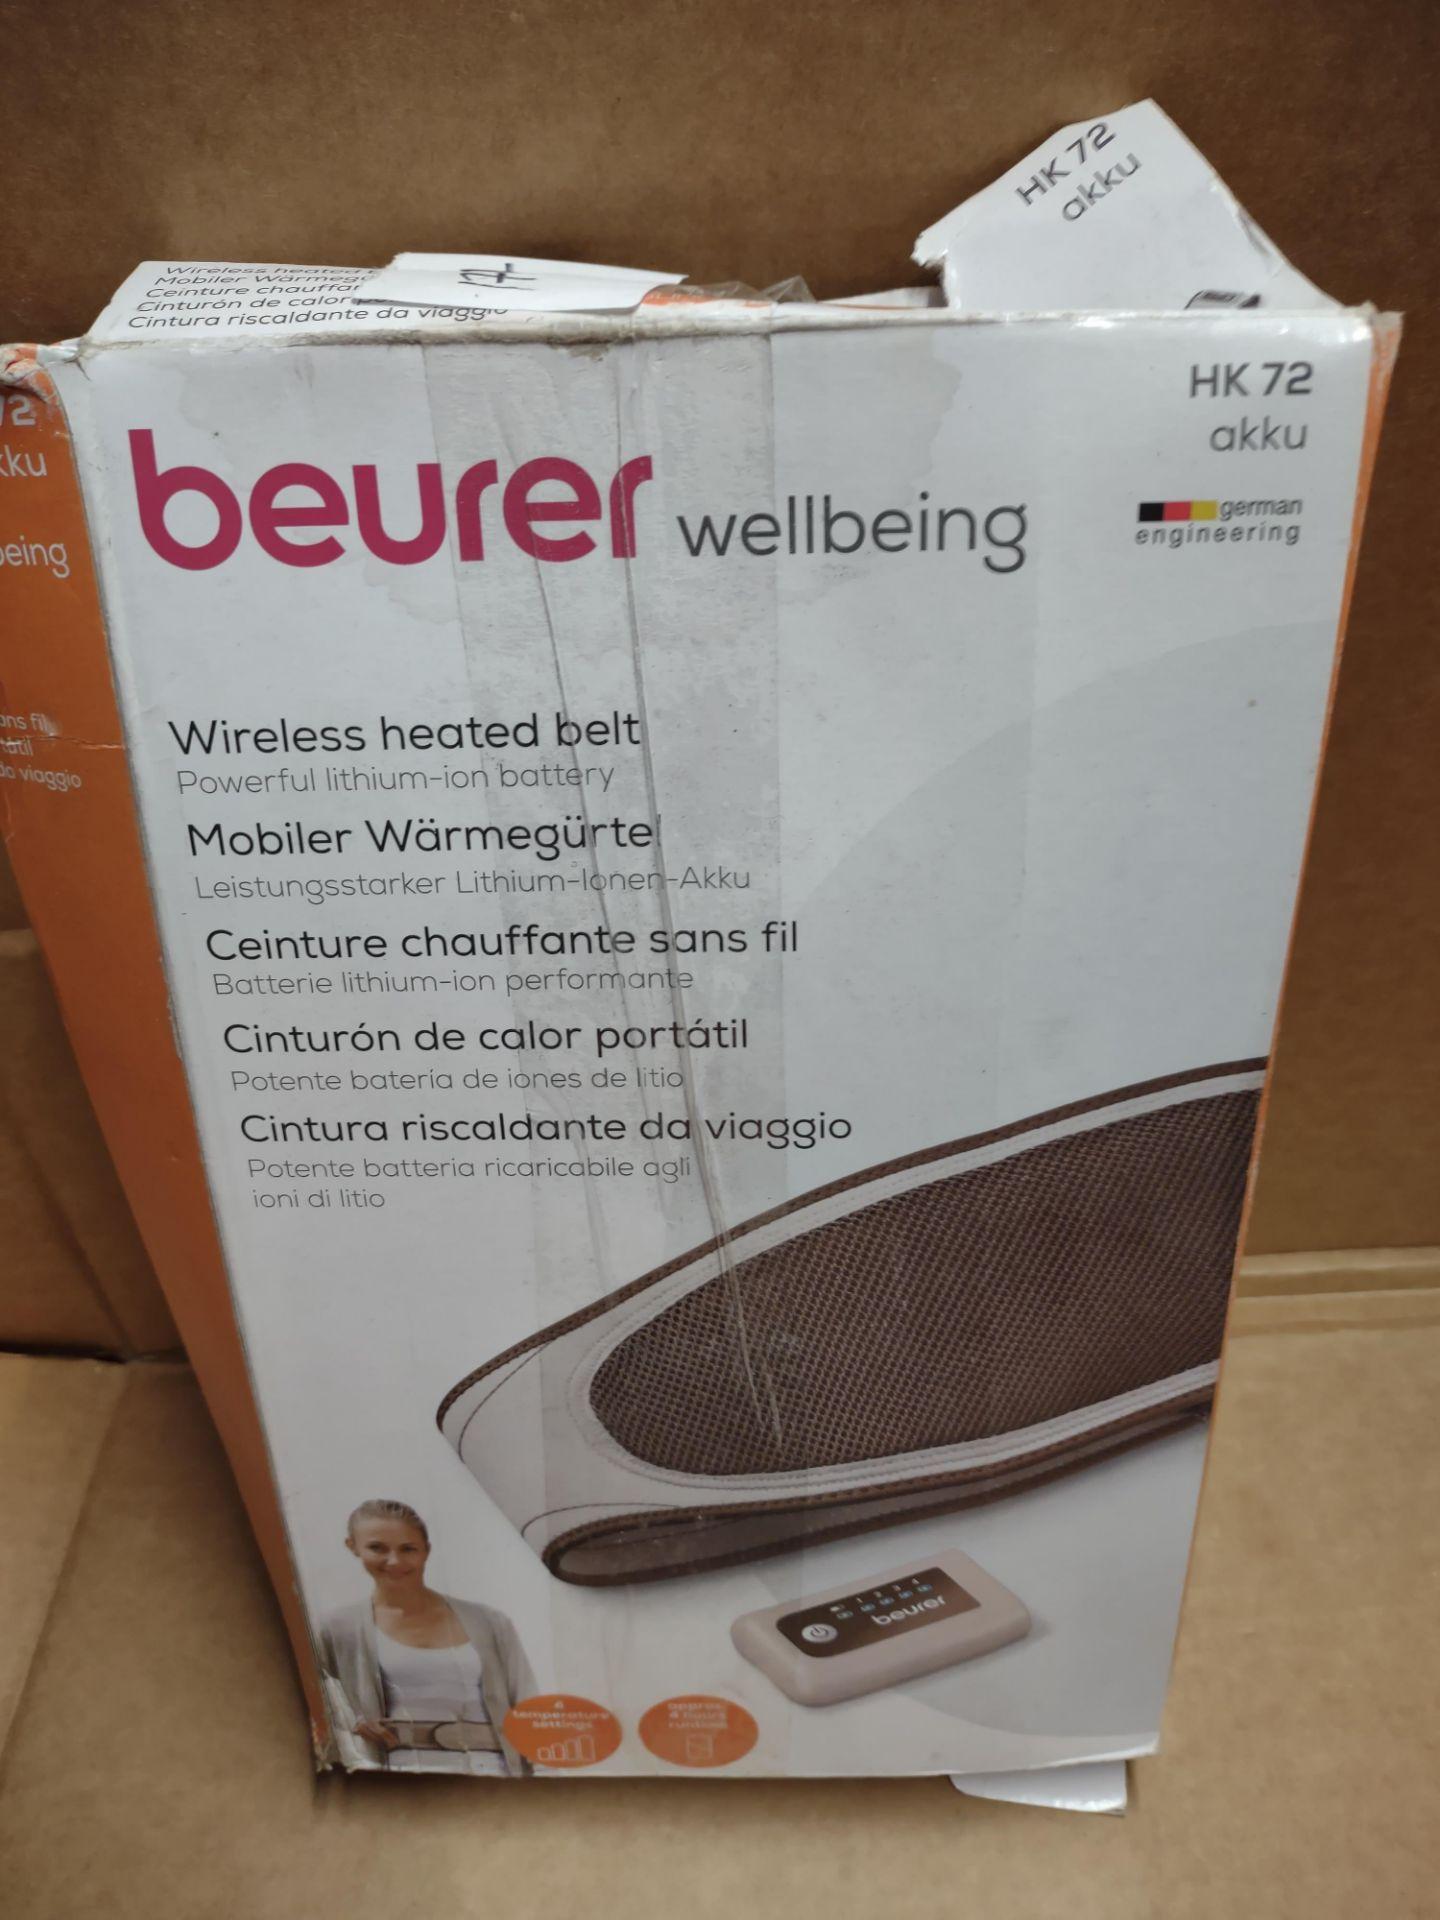 Beurer wellbeing heat pad RRP £30 Grade U